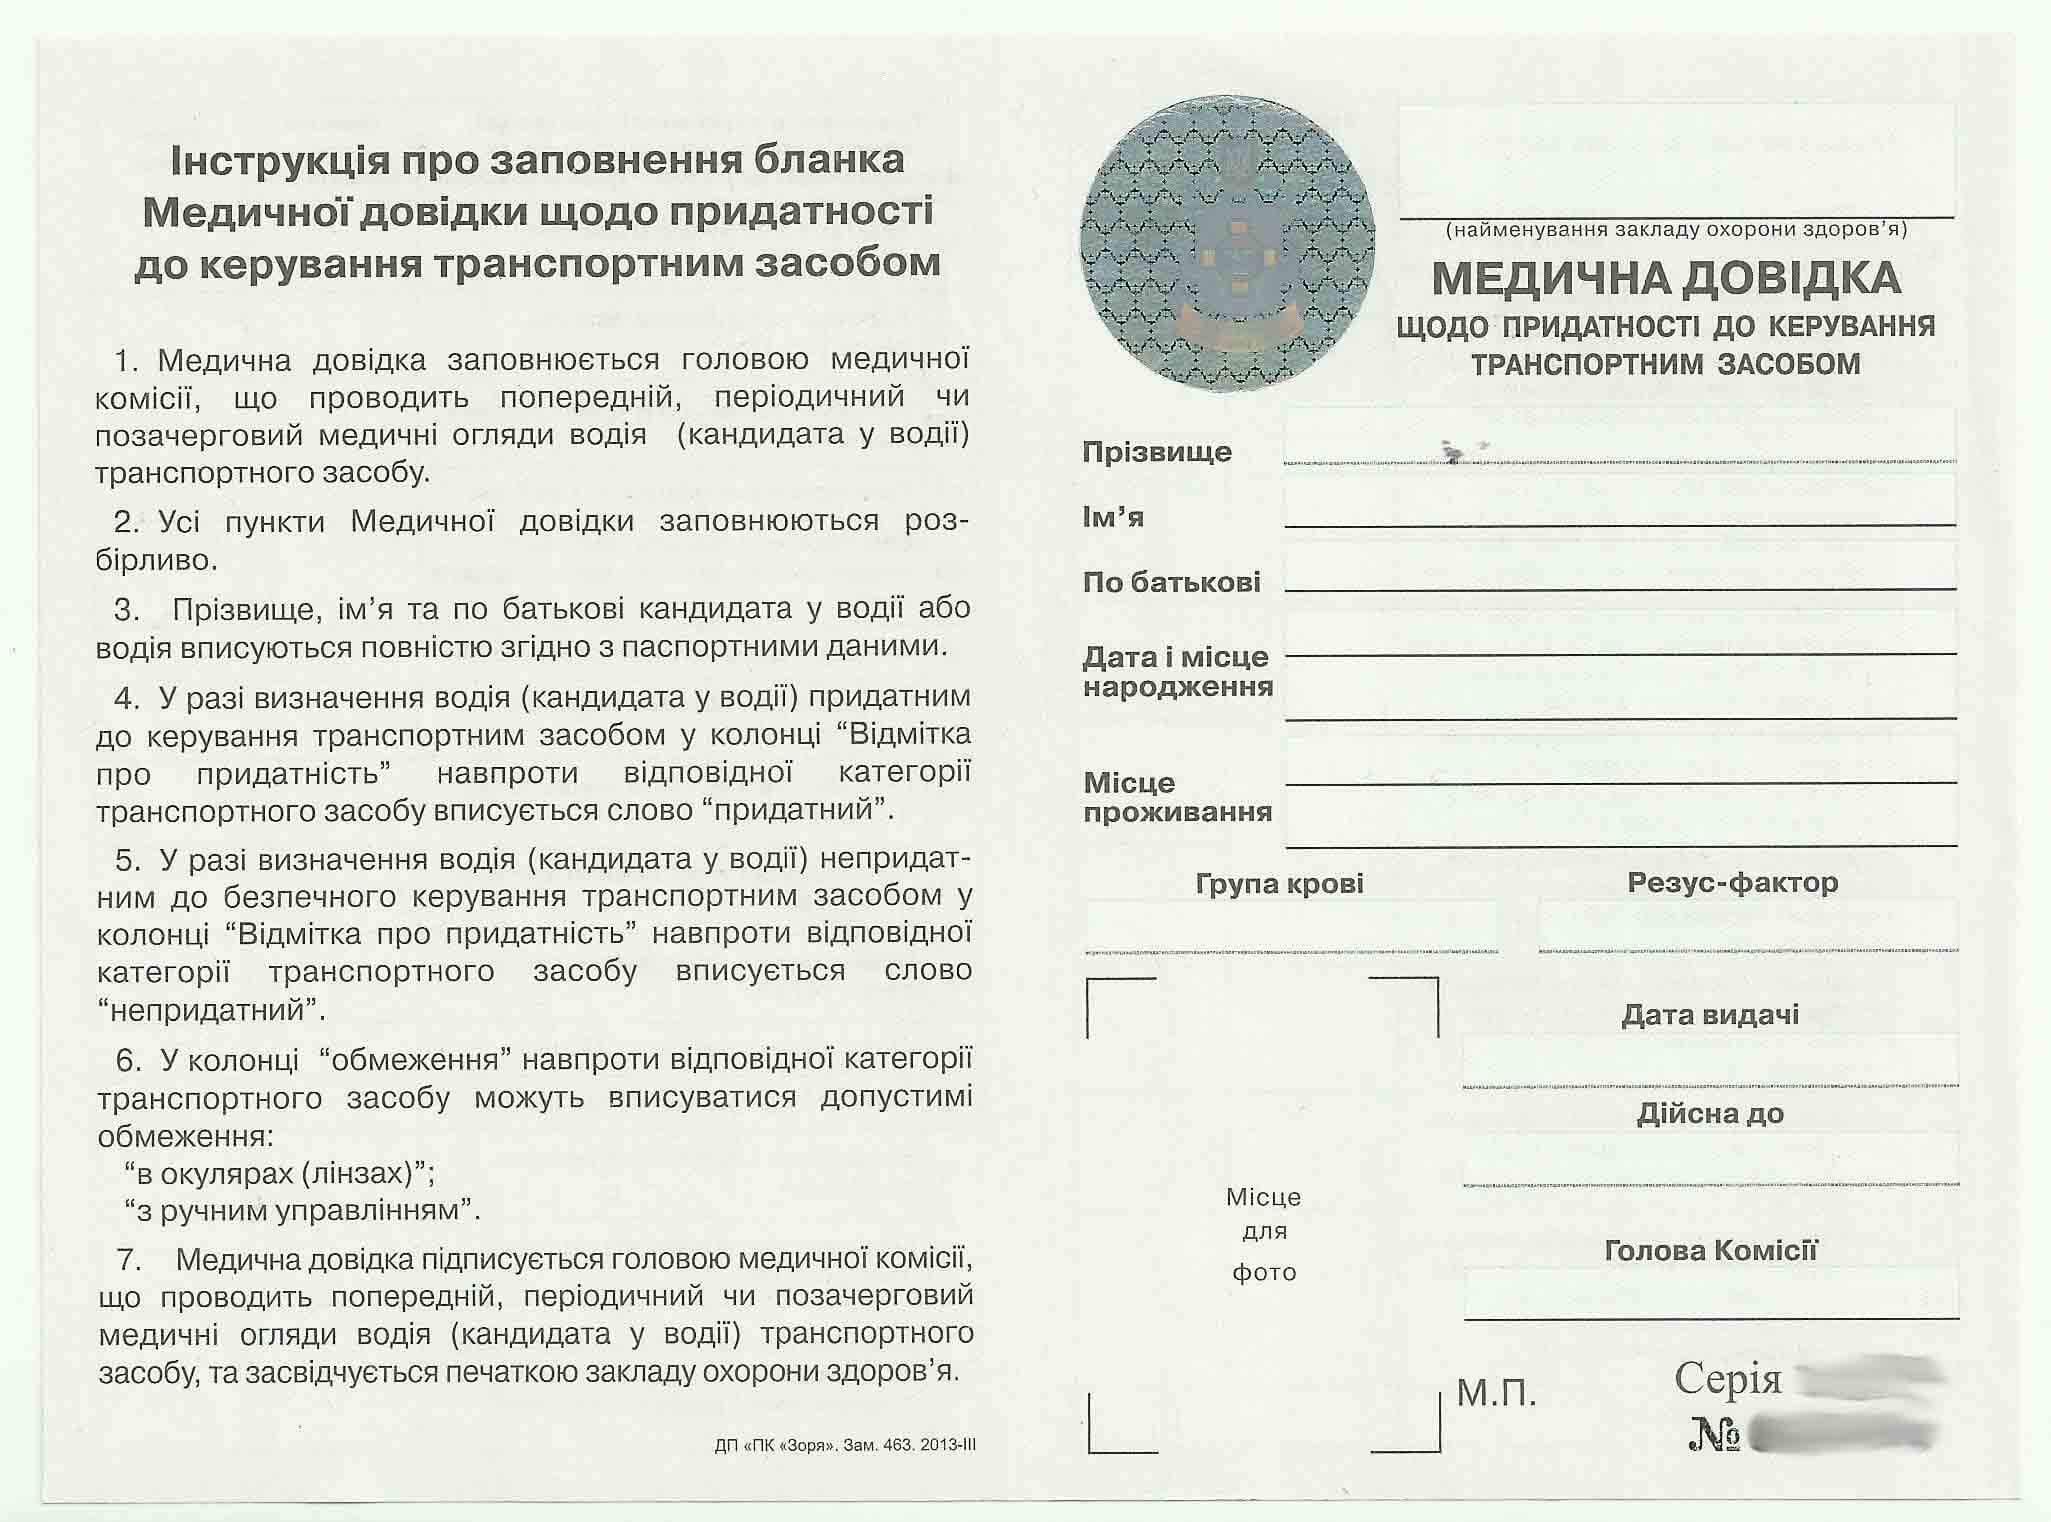 Справка форма 086 купить киев медицинская справка г.железнодорожный